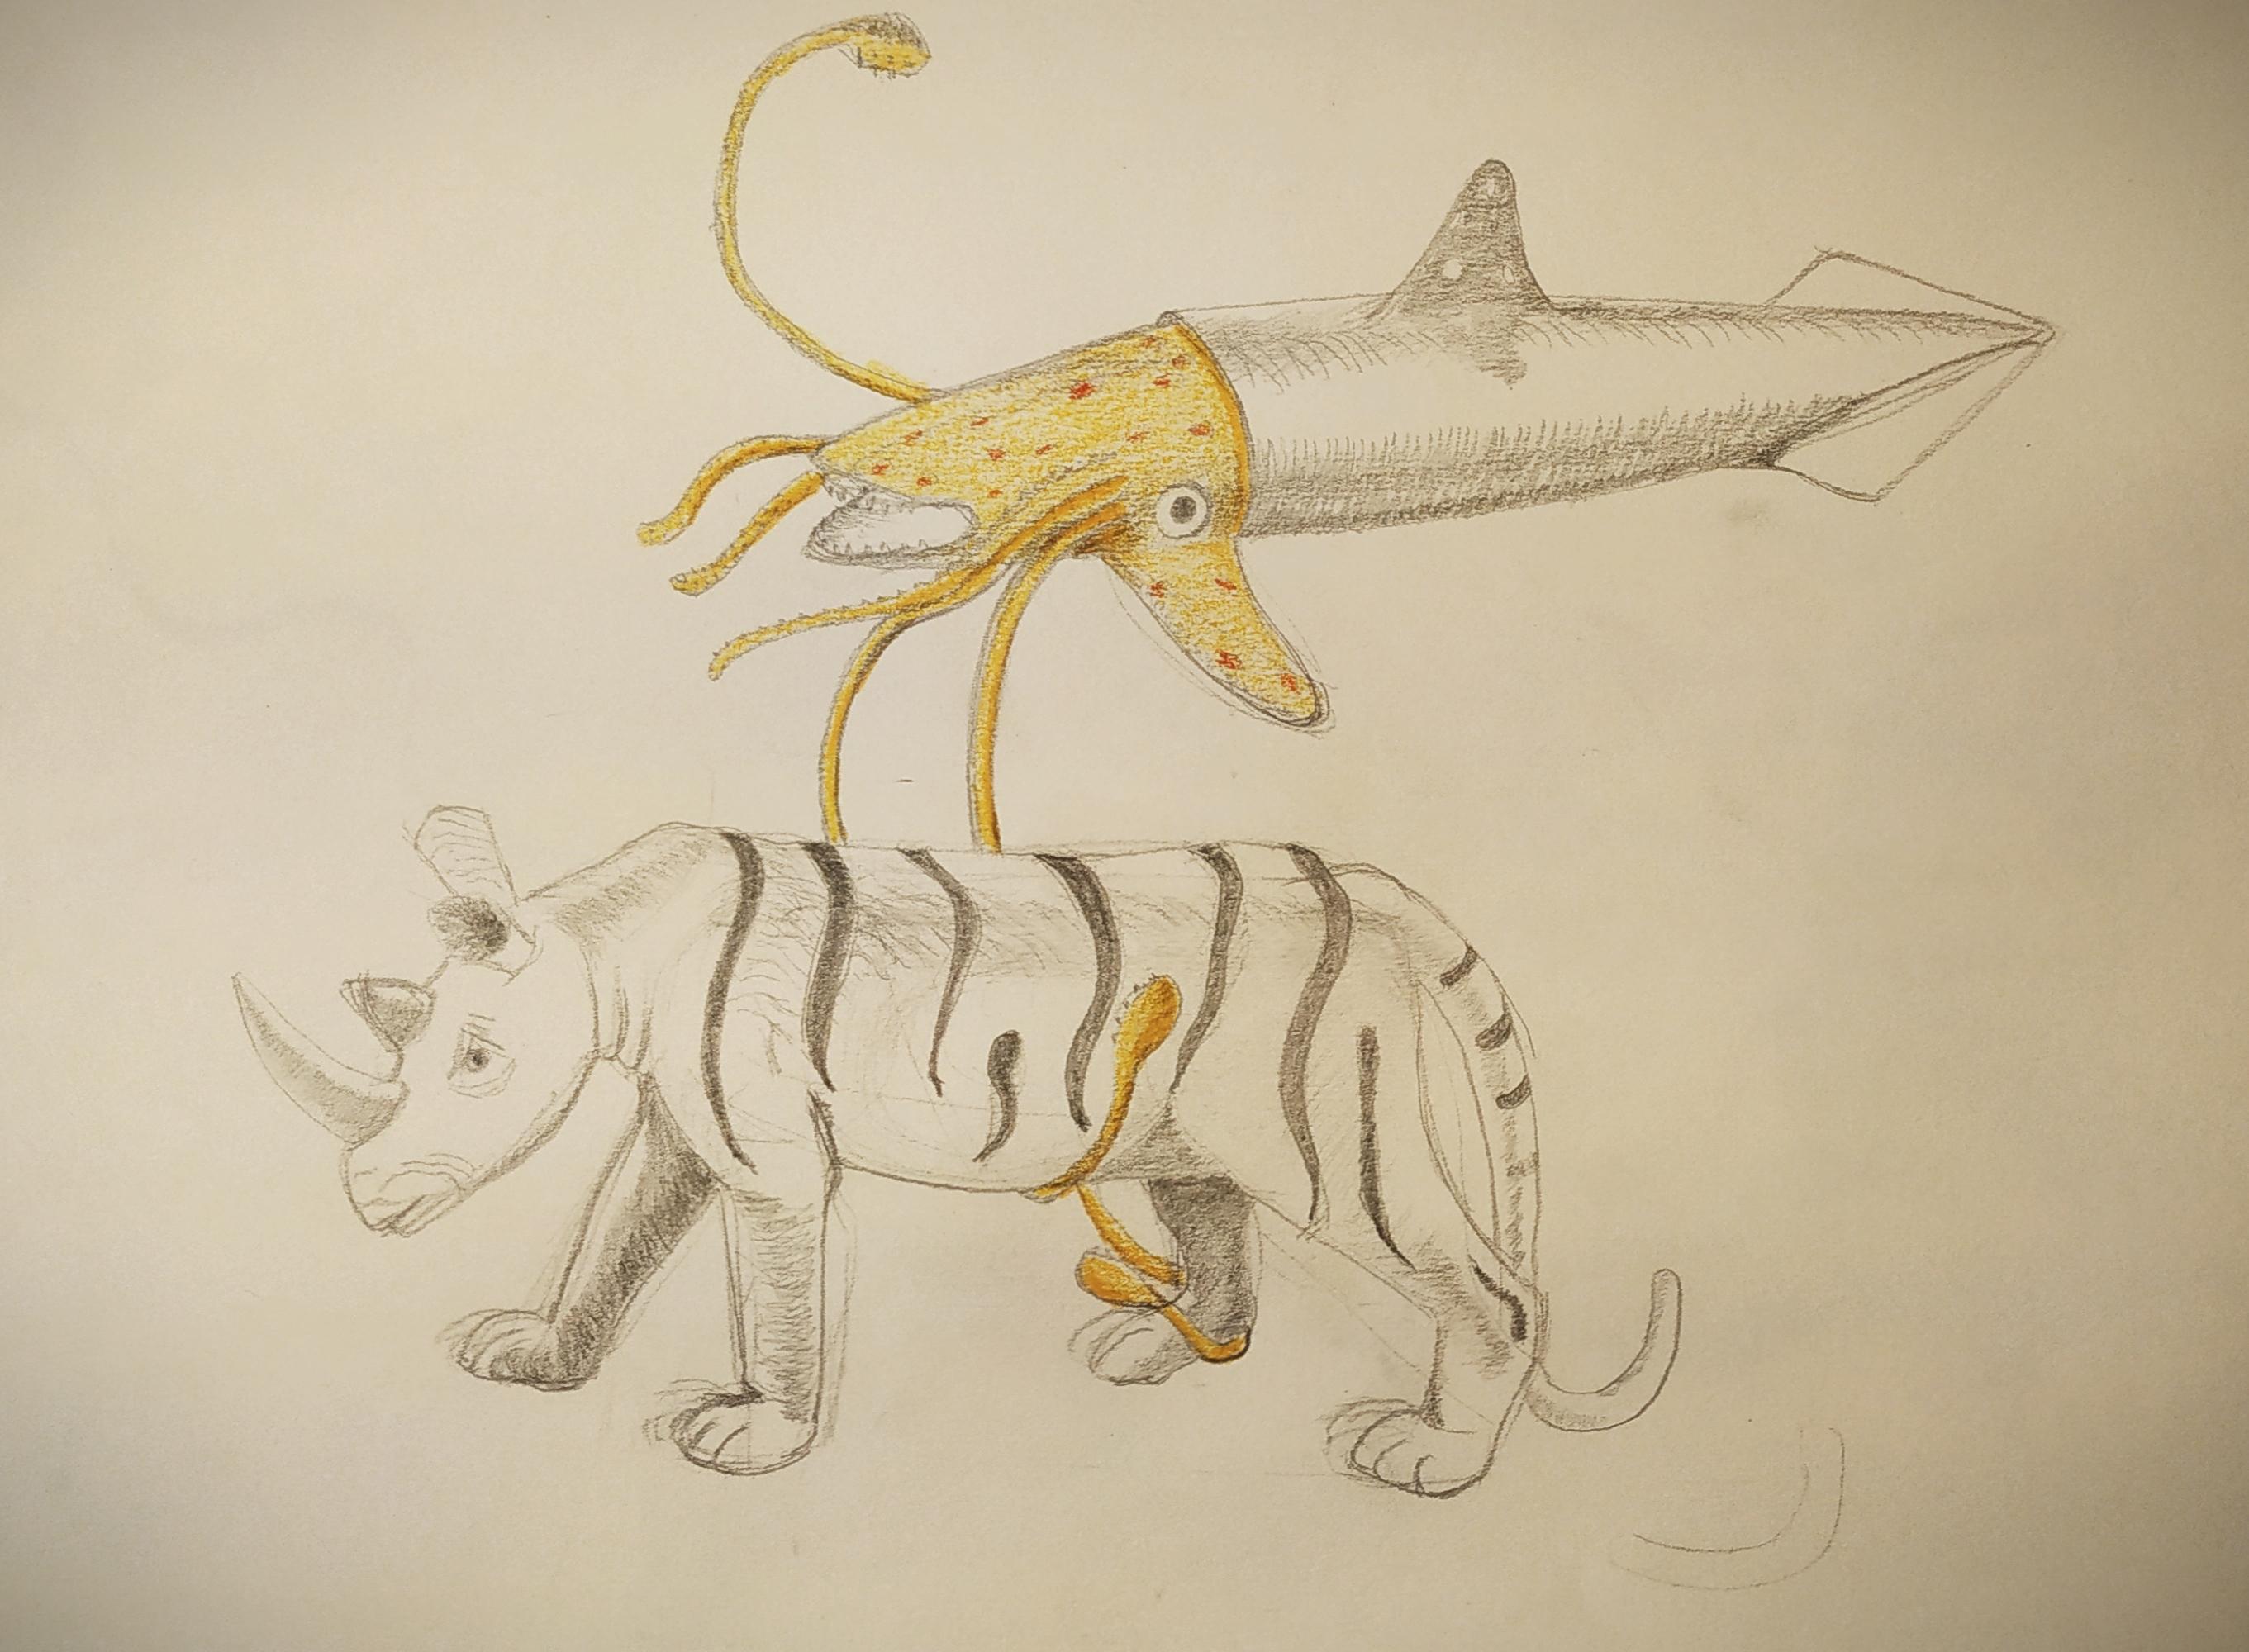 Dessin chim�re crayon papier Et crayon de couleur  cours de dessin